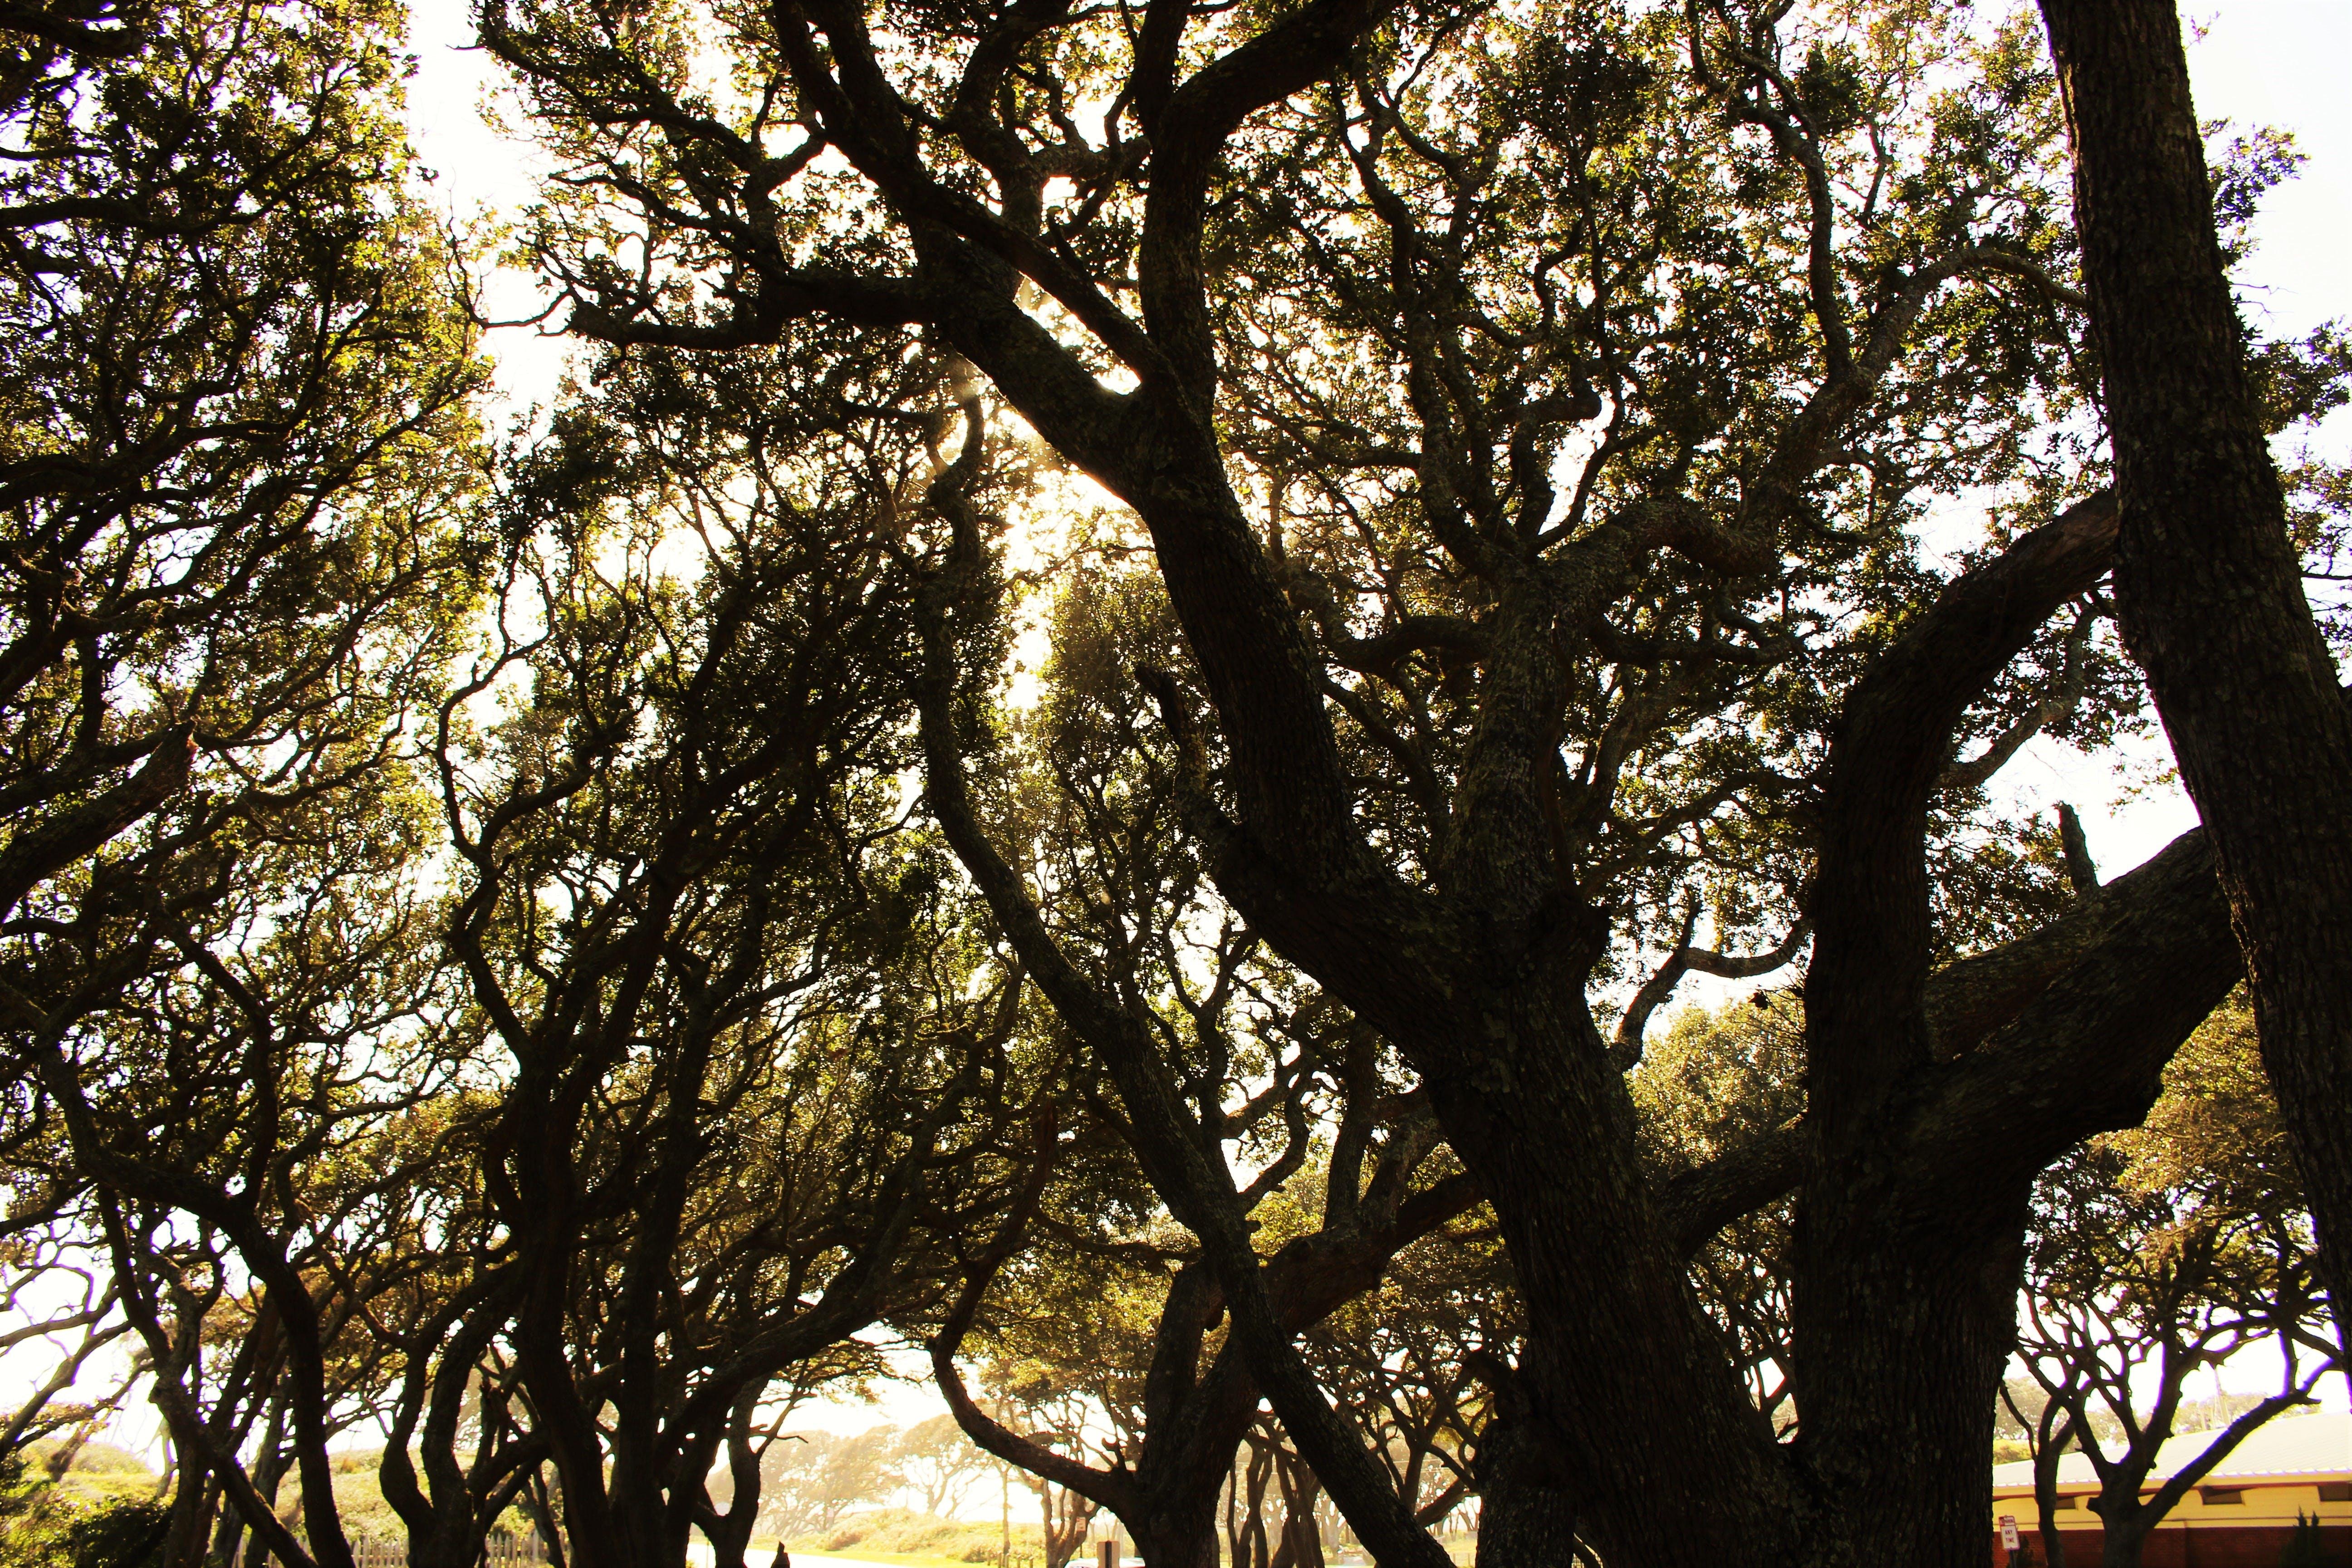 Δωρεάν στοκ φωτογραφιών με δασικός, δέντρα, ηλιόλουστα δέντρα, ηλιόλουστη μέρα